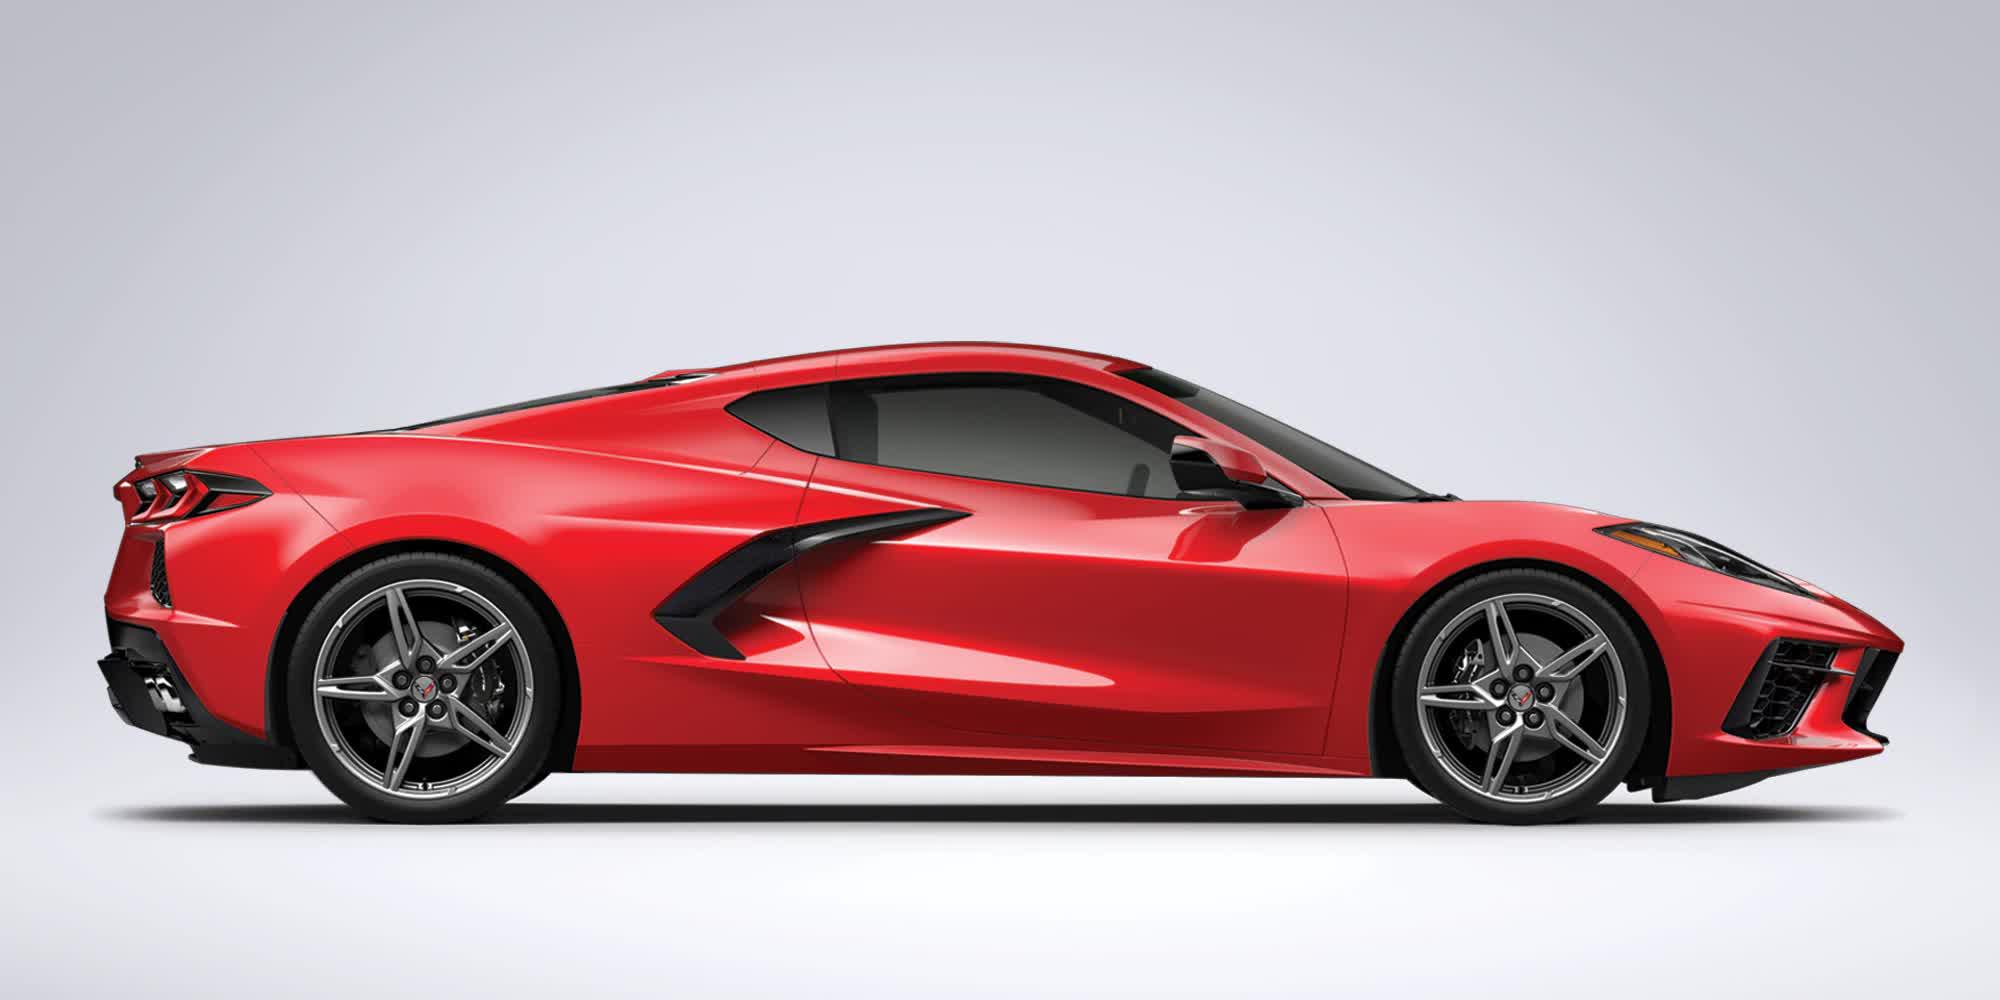 design-Corvette-c8-stingray-rossa-2020-auto-stage-sportiva-a-motore-centrale-disponibile-con-allestimento-coupe-e-convertible-in-esclusiva-presso-gruppo-cavauto-a-Monza.jpg